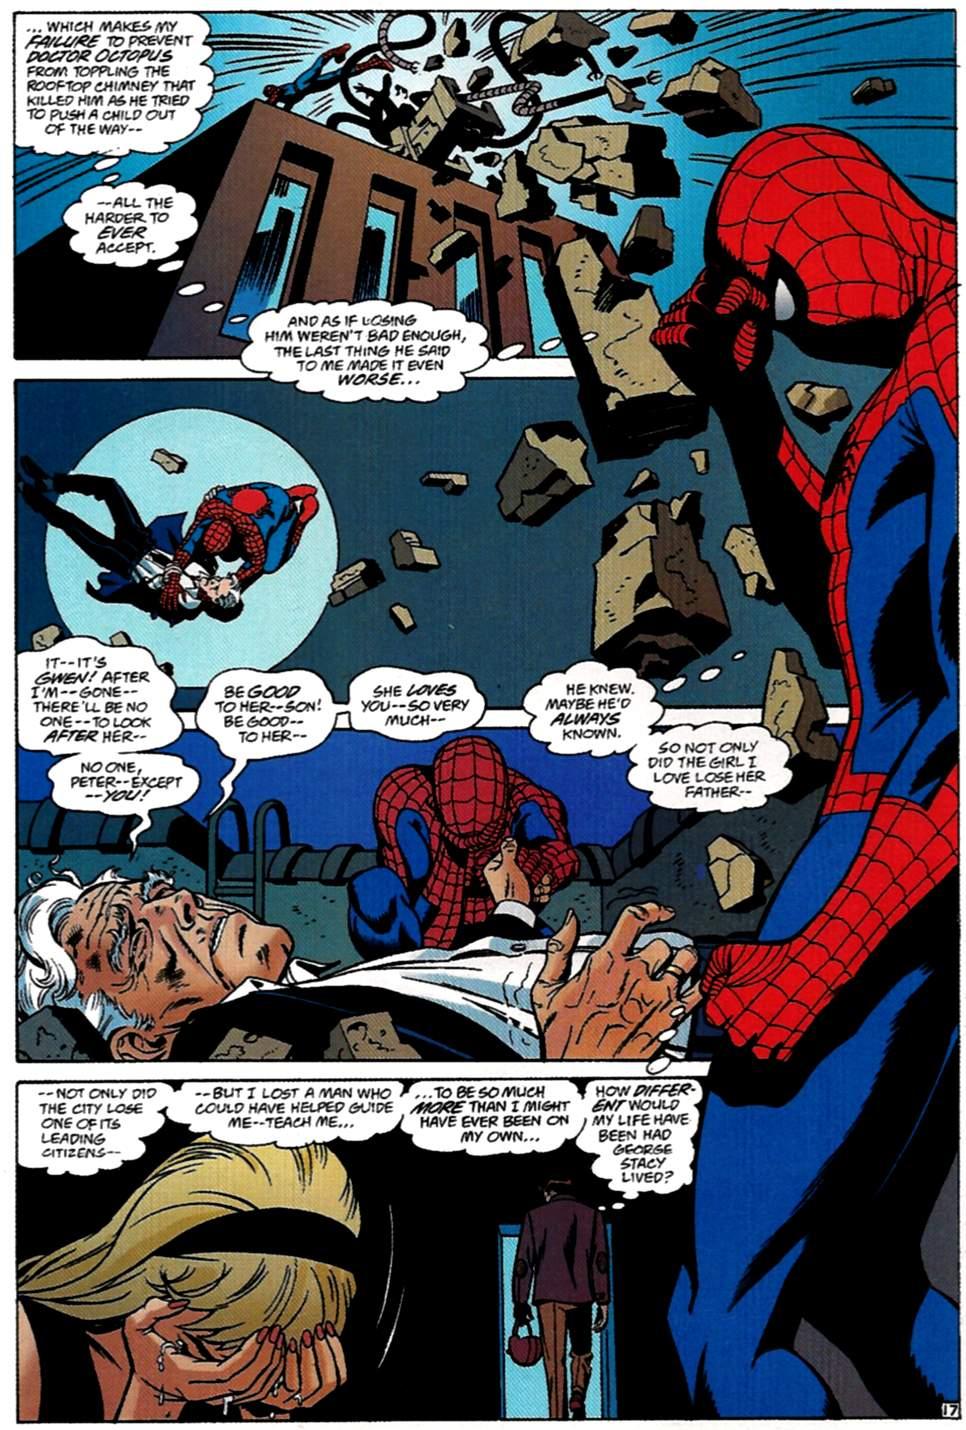 Read online Spider-Man: Lifeline comic -  Issue #1 - 18